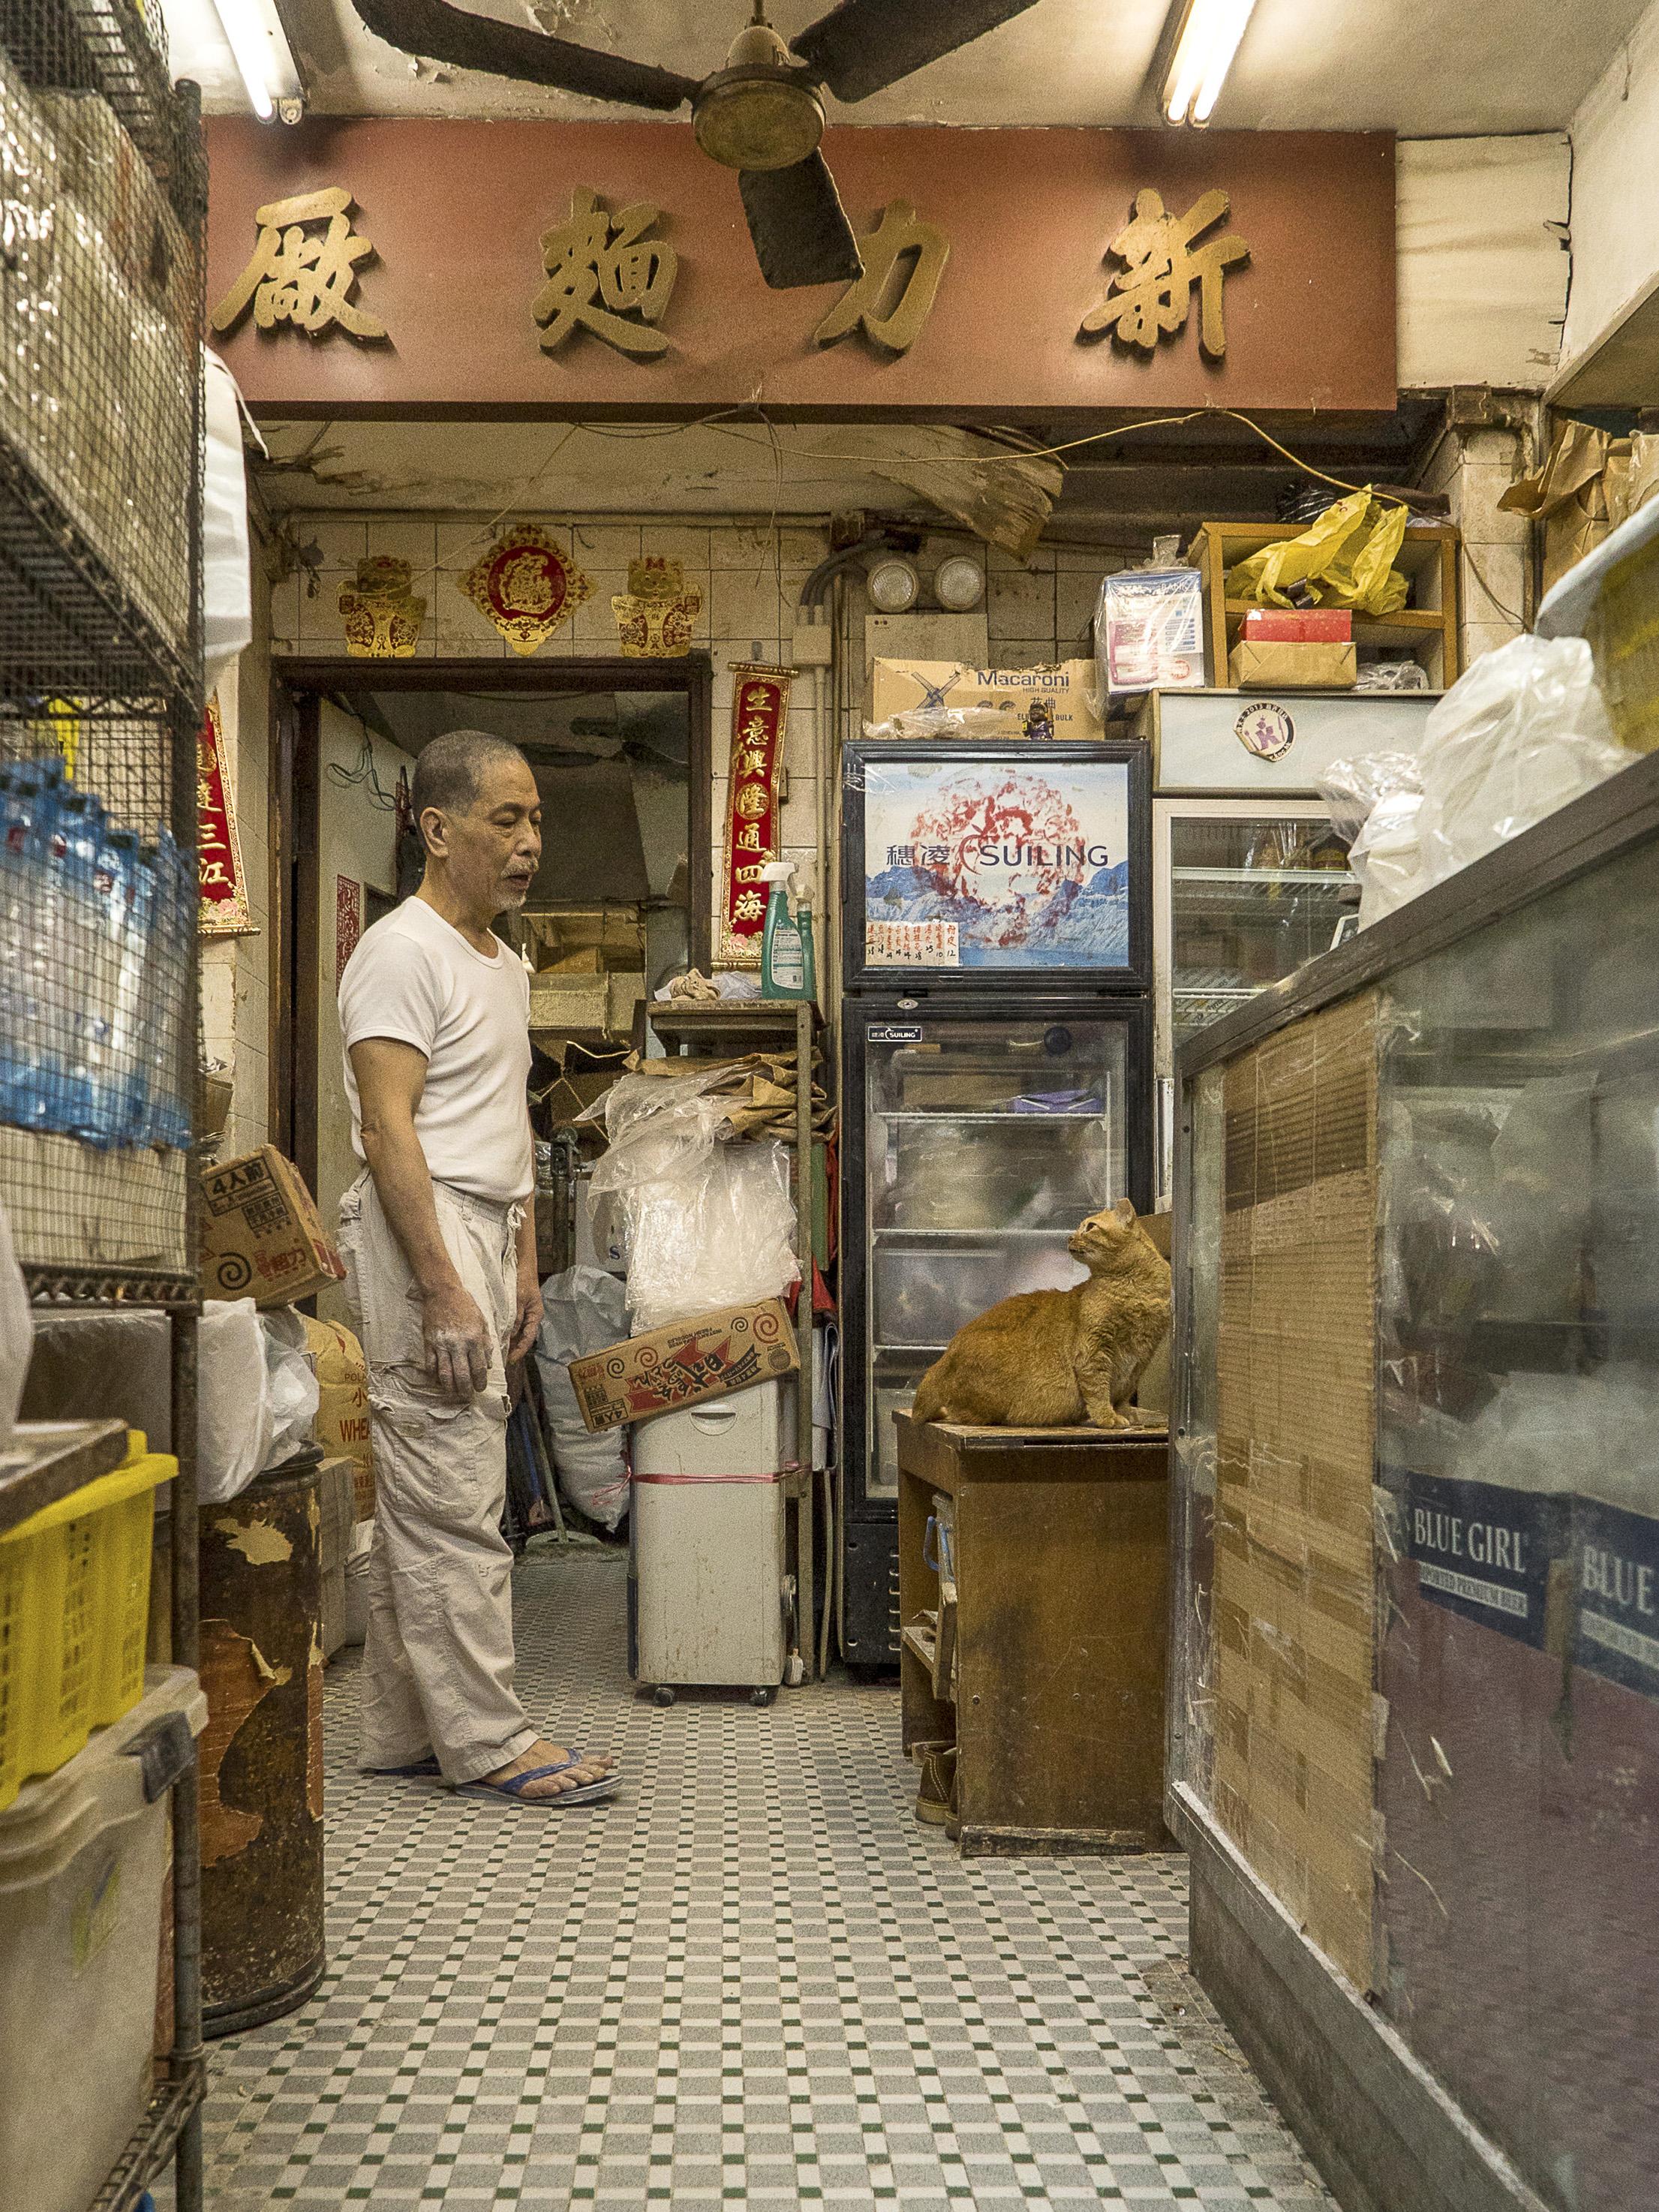 M. Heijnen, HK Shop Cats #13.jpg